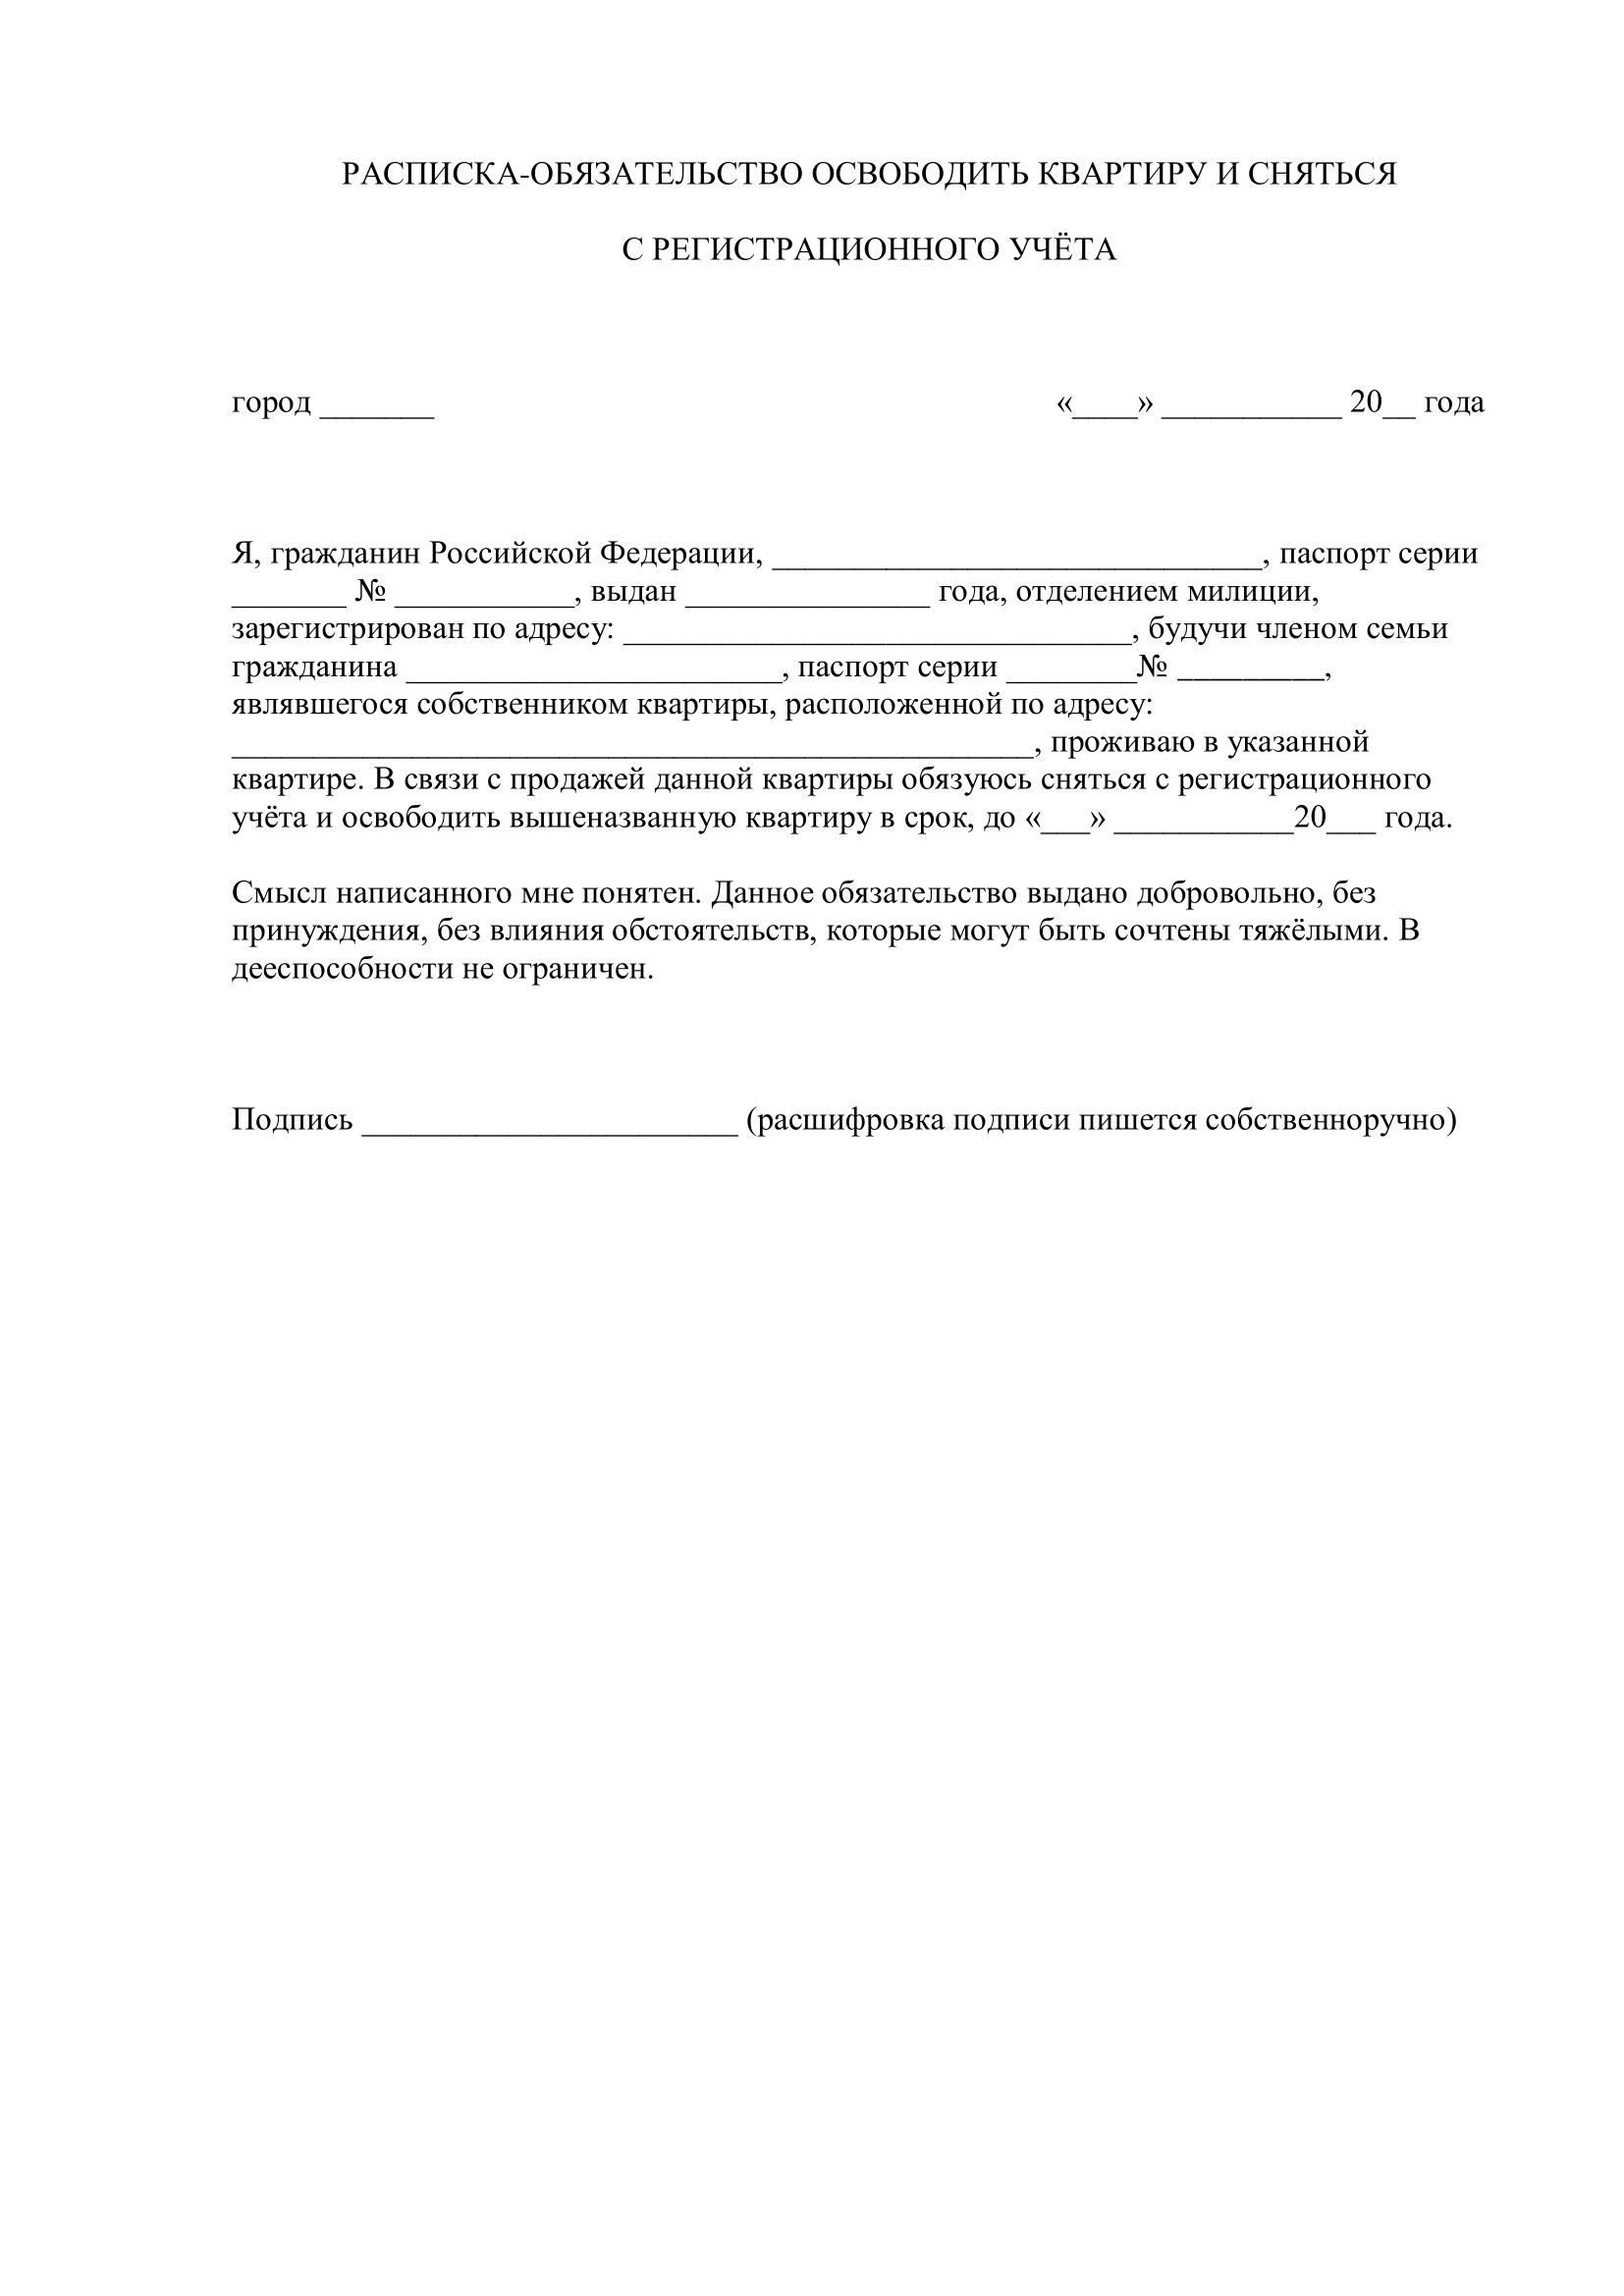 Расписка-обязательство освободить квартиру и сняться с регистрационного учета